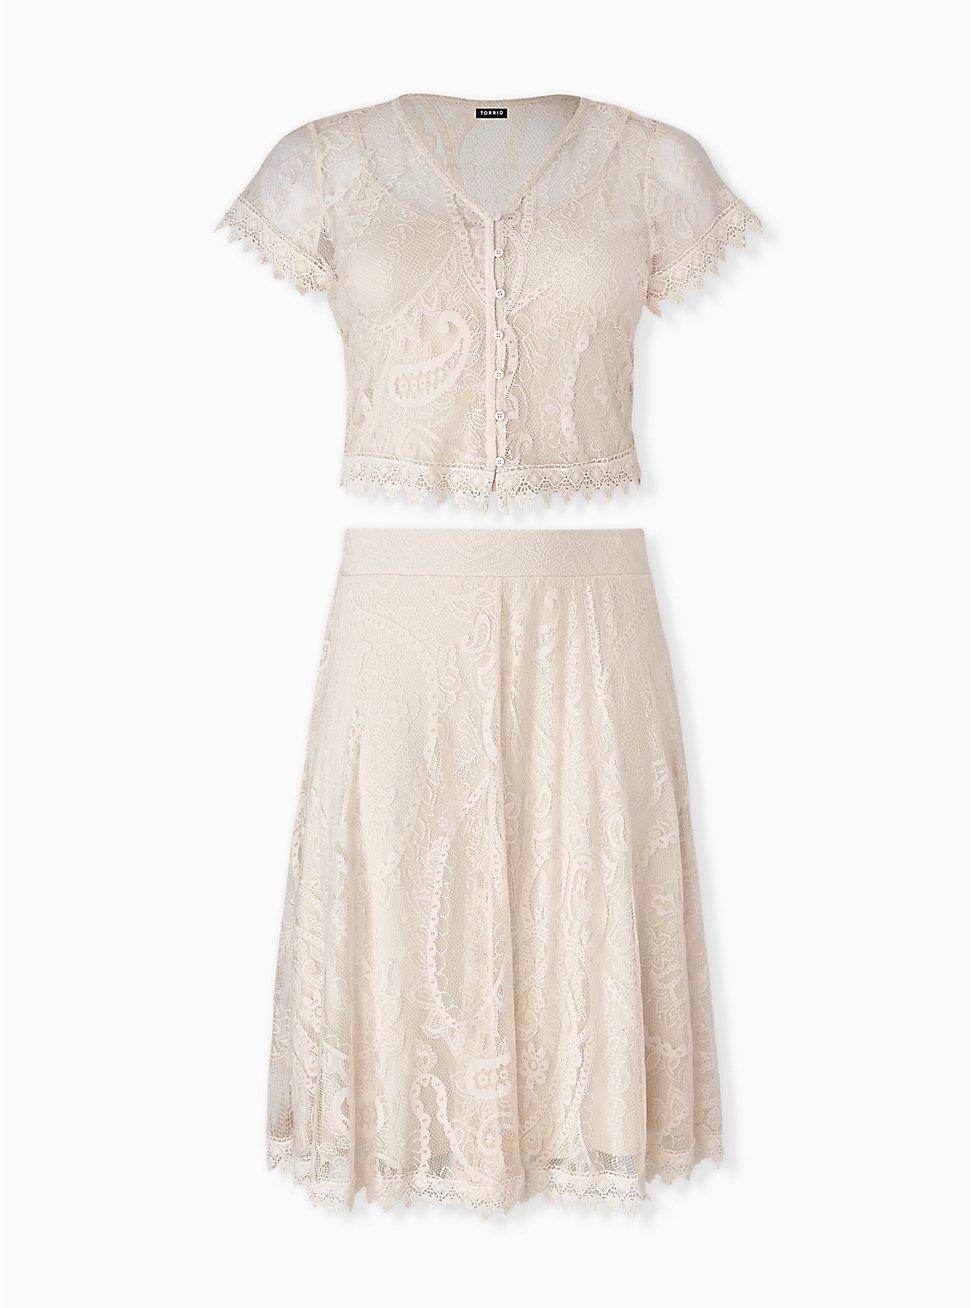 Plus Size Ivory Lace Crochet Trim Crop Top & Skirt Set , BIRCH, hi-res